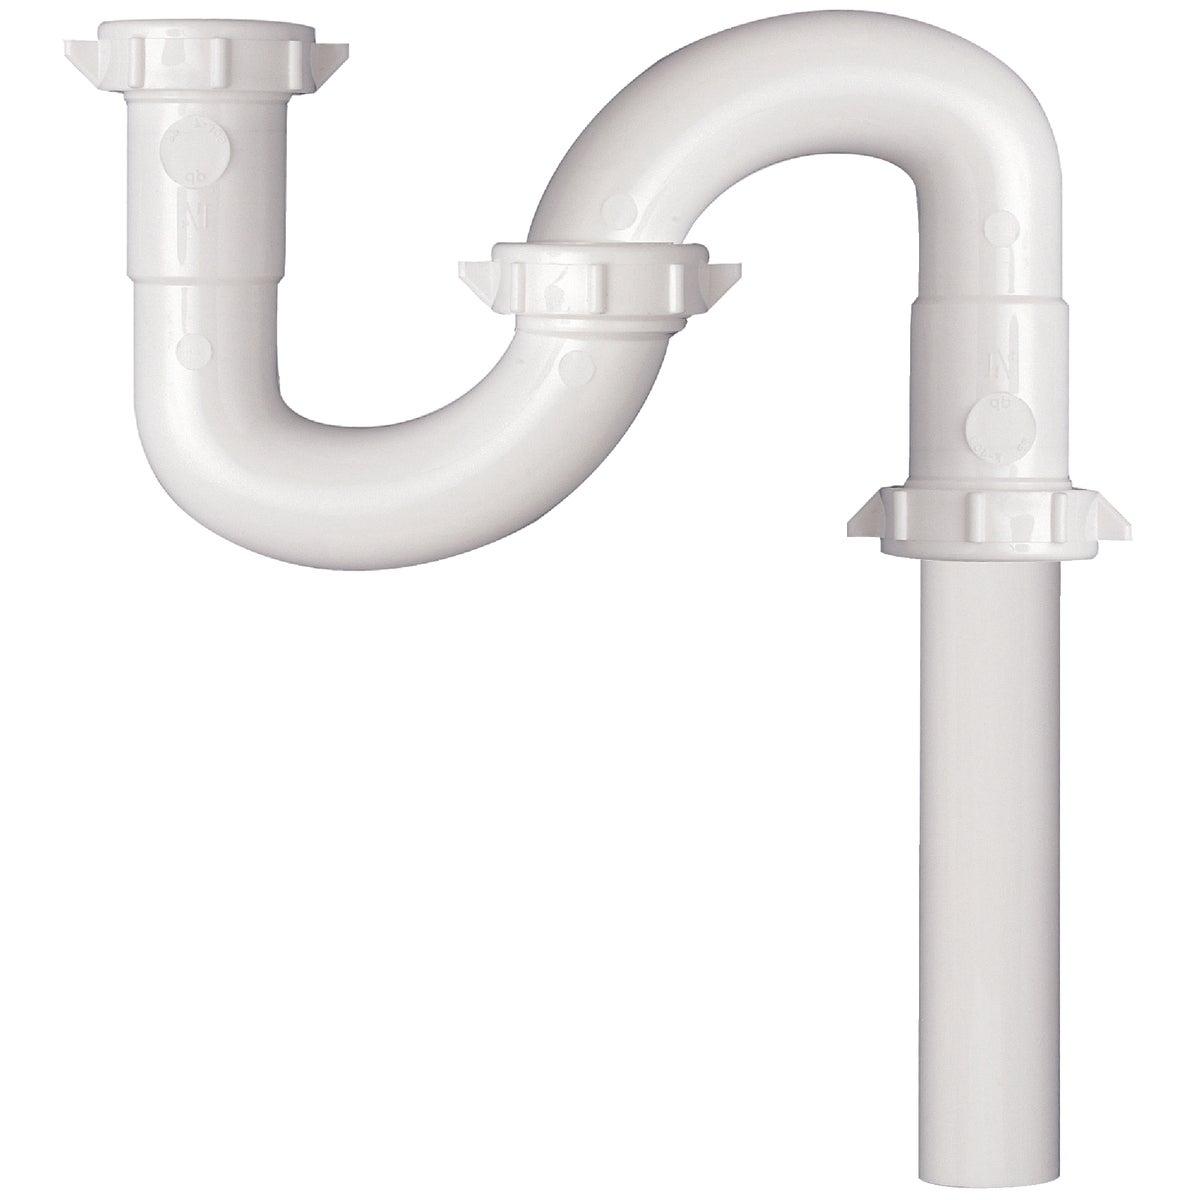 Plumb Pak/Keeney Mfg. 1-1/4 WHT PLASTIC S-TRAP 443824